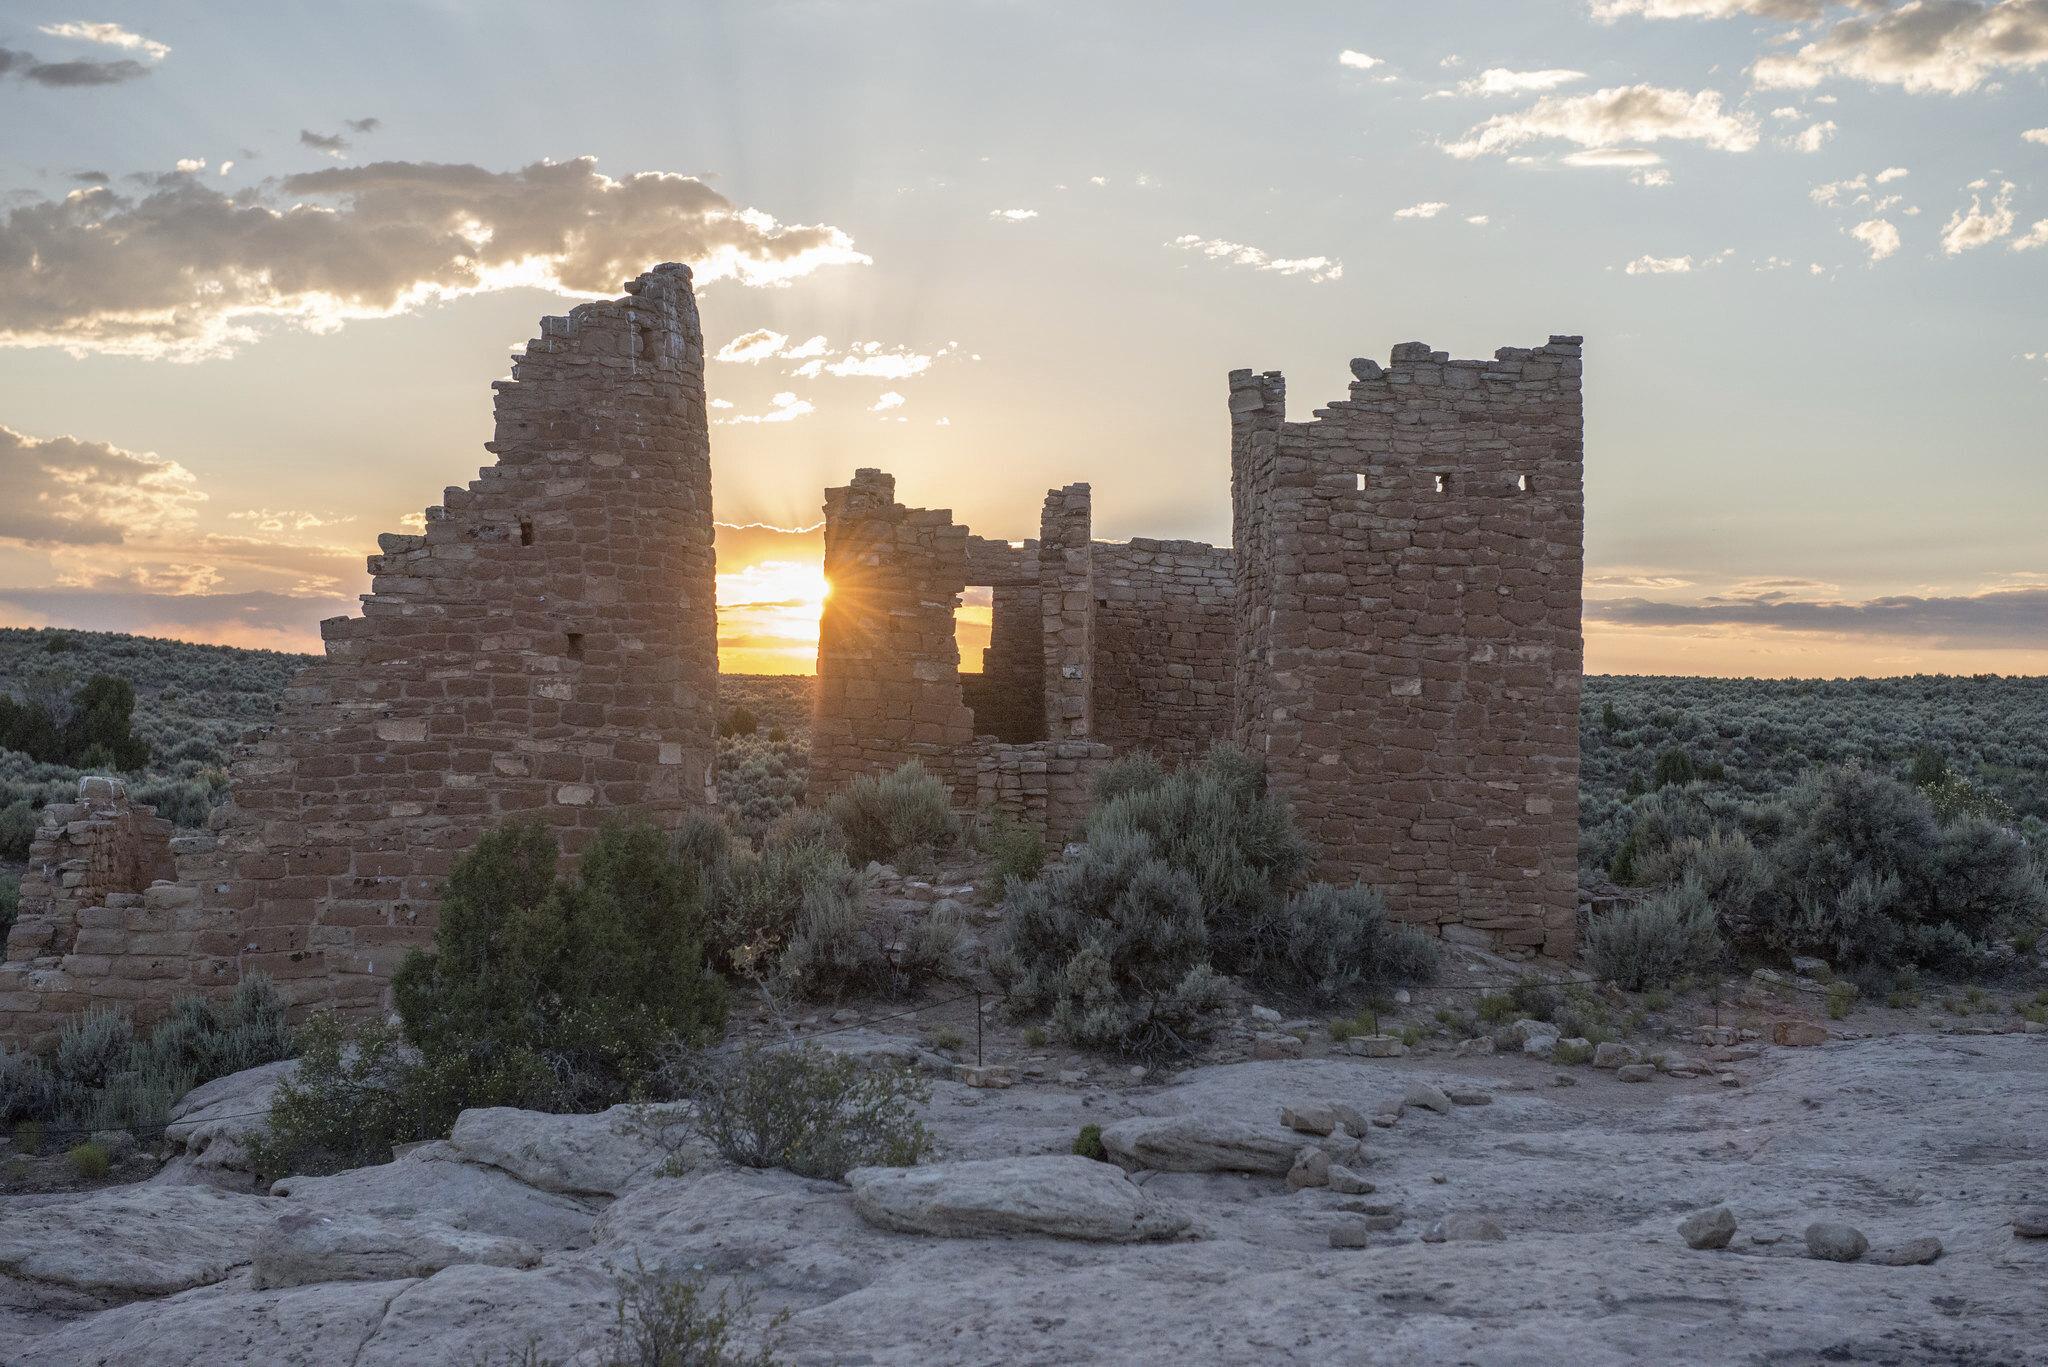 Oil drilling plan near Utah monument draws tribal opposition